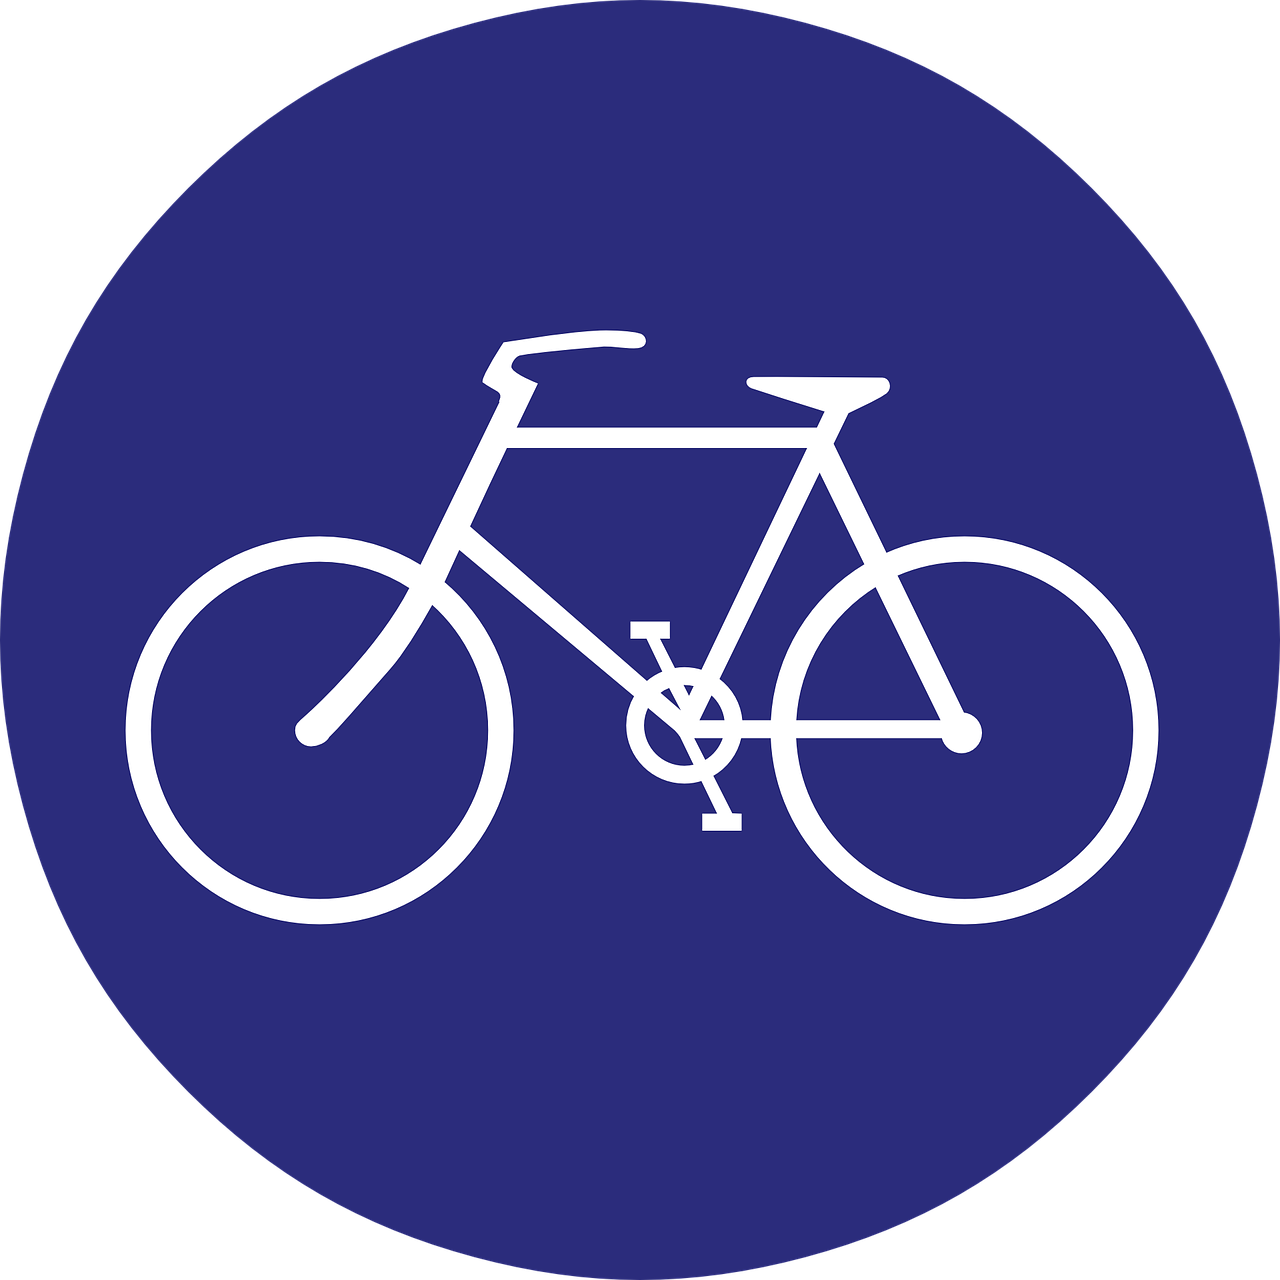 Verleih von Markenrädern durch Partner